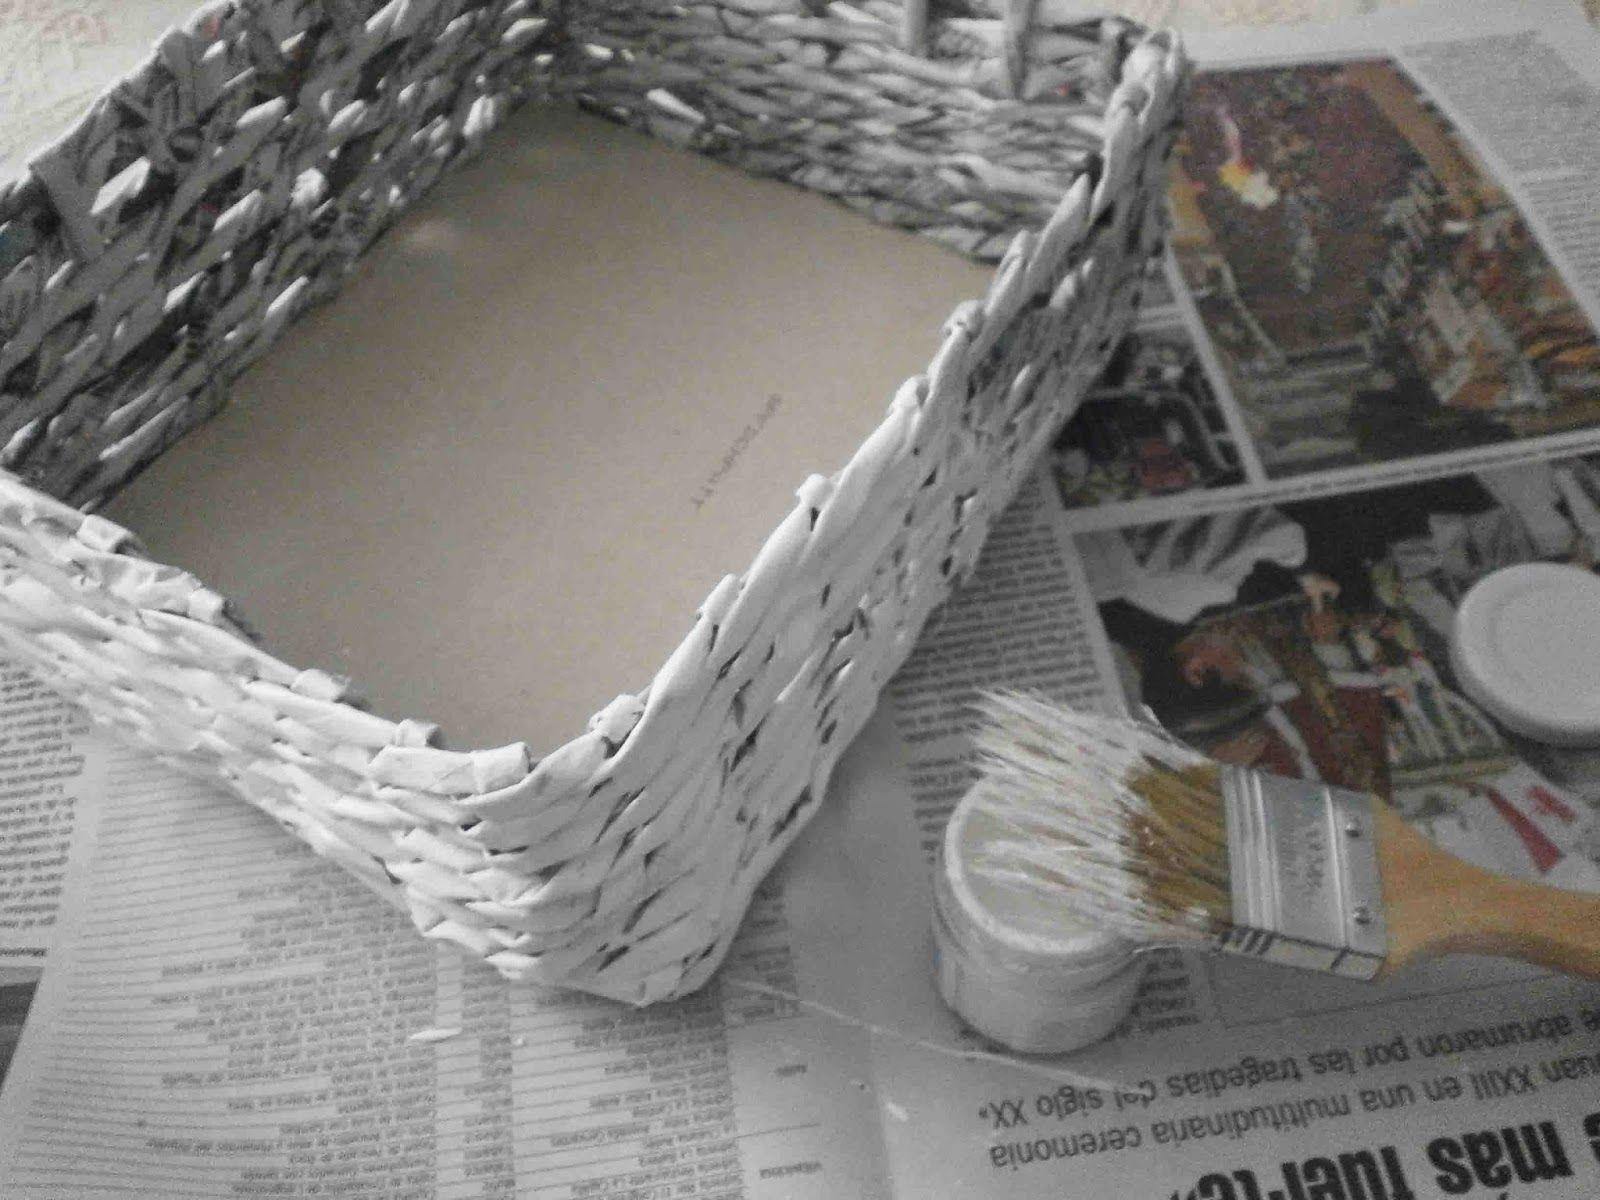 Manualidades herme diy como hacer una cesta de papel de - Cestas de periodico ...